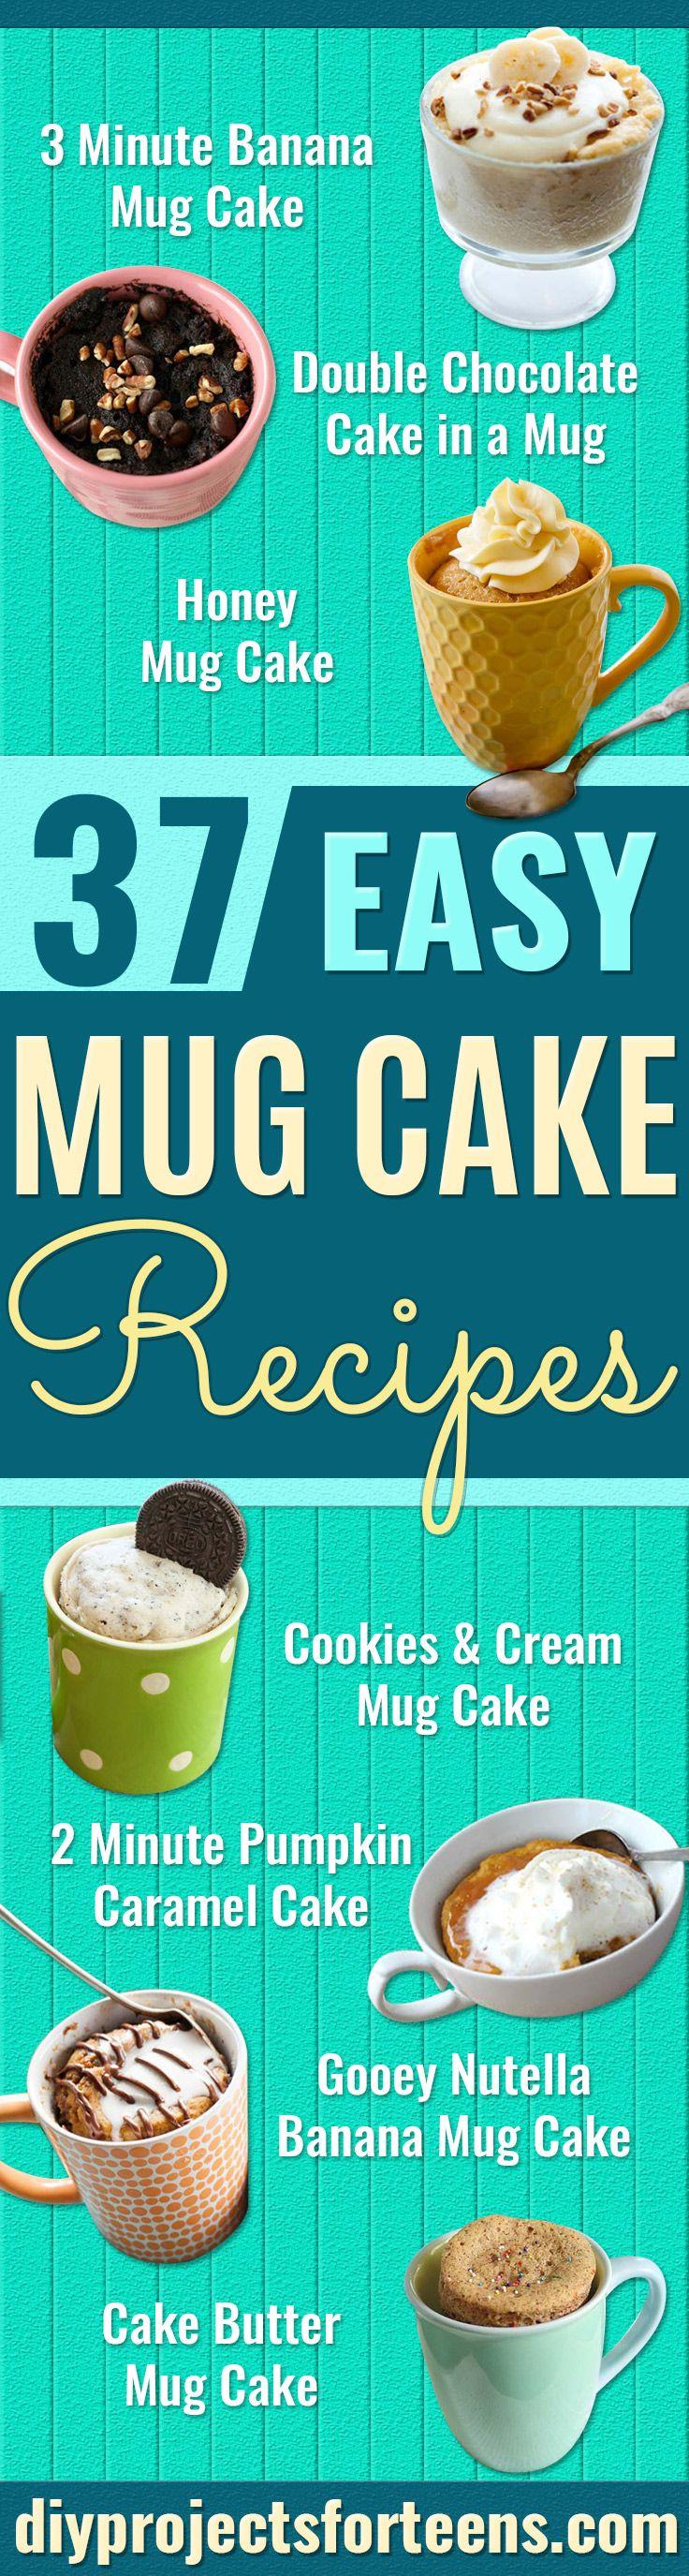 37 Mug Cake Recipes | Mug recipes, Easy mug cake ...